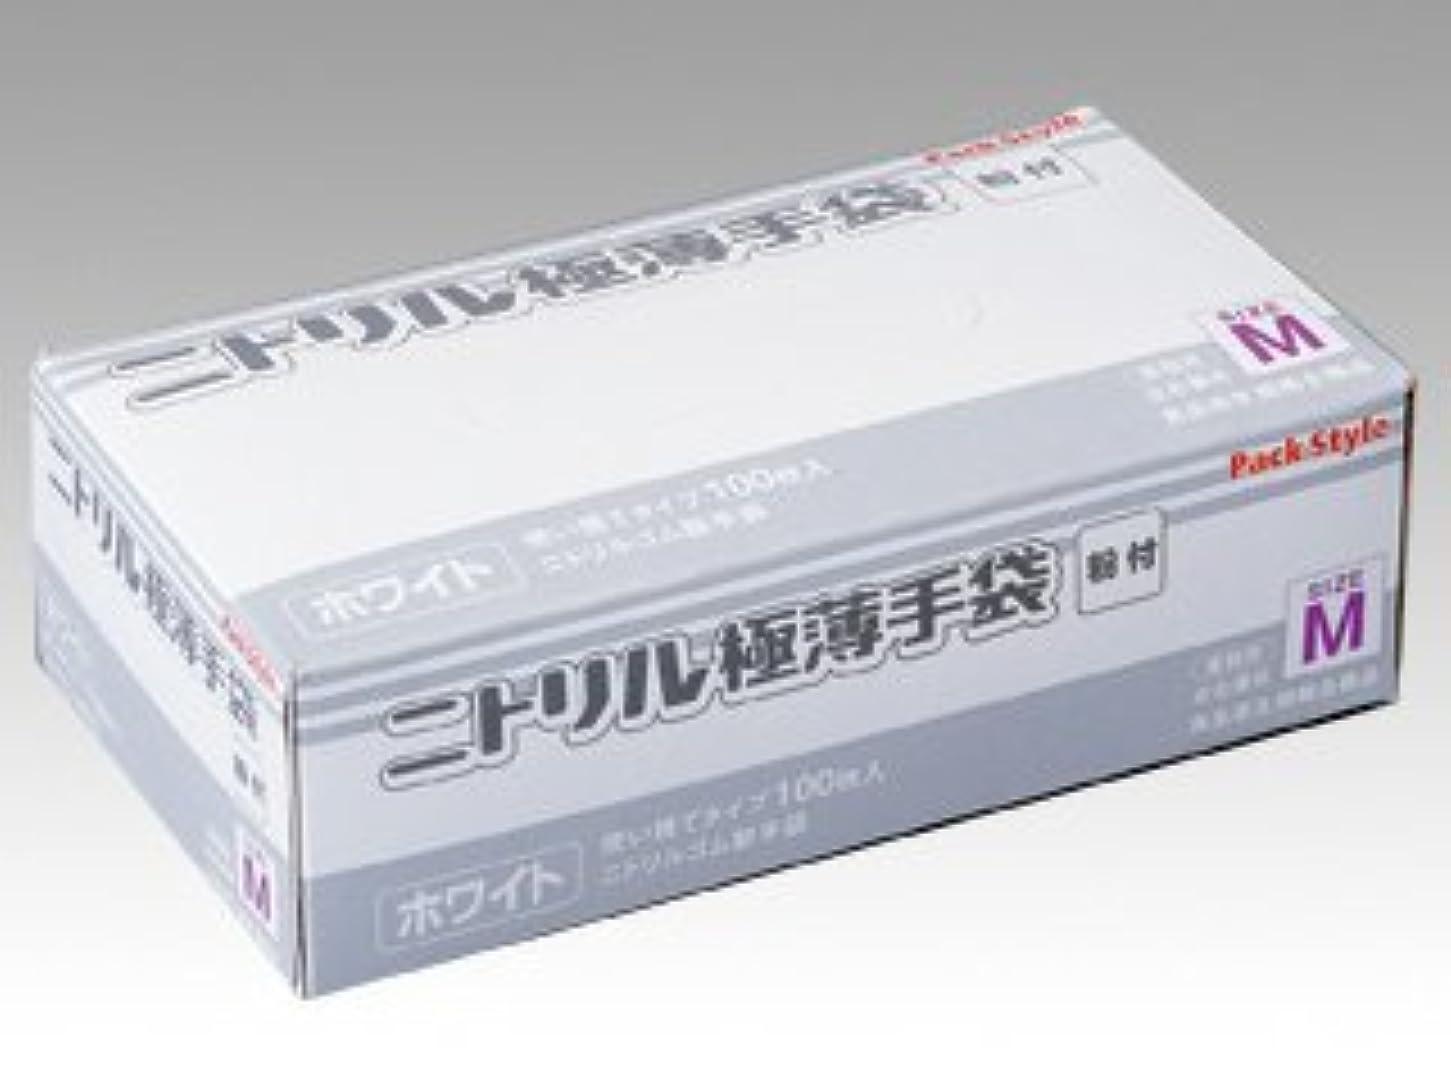 粒トロリードラゴン【PackStyle】ニトリル手袋 粉付 白 M